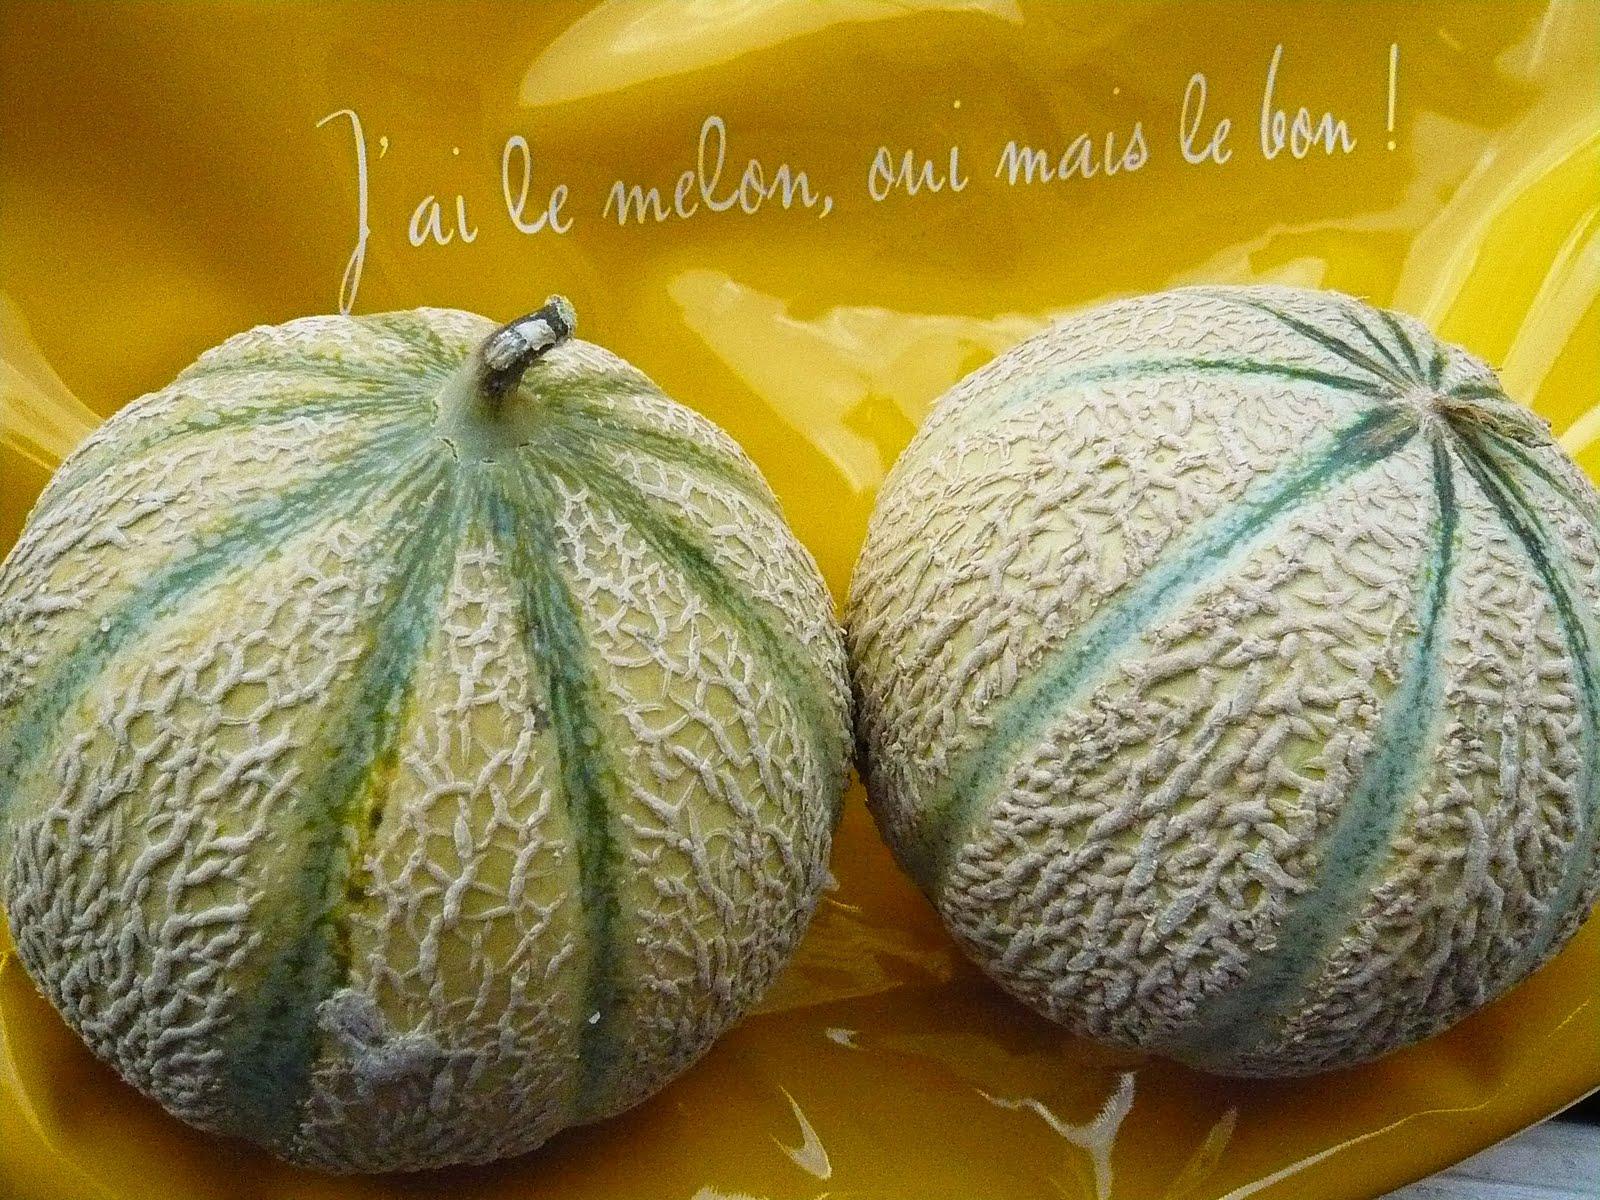 Food intelligence connaissez vous le melon charentais jaune - Culture du melon charentais ...